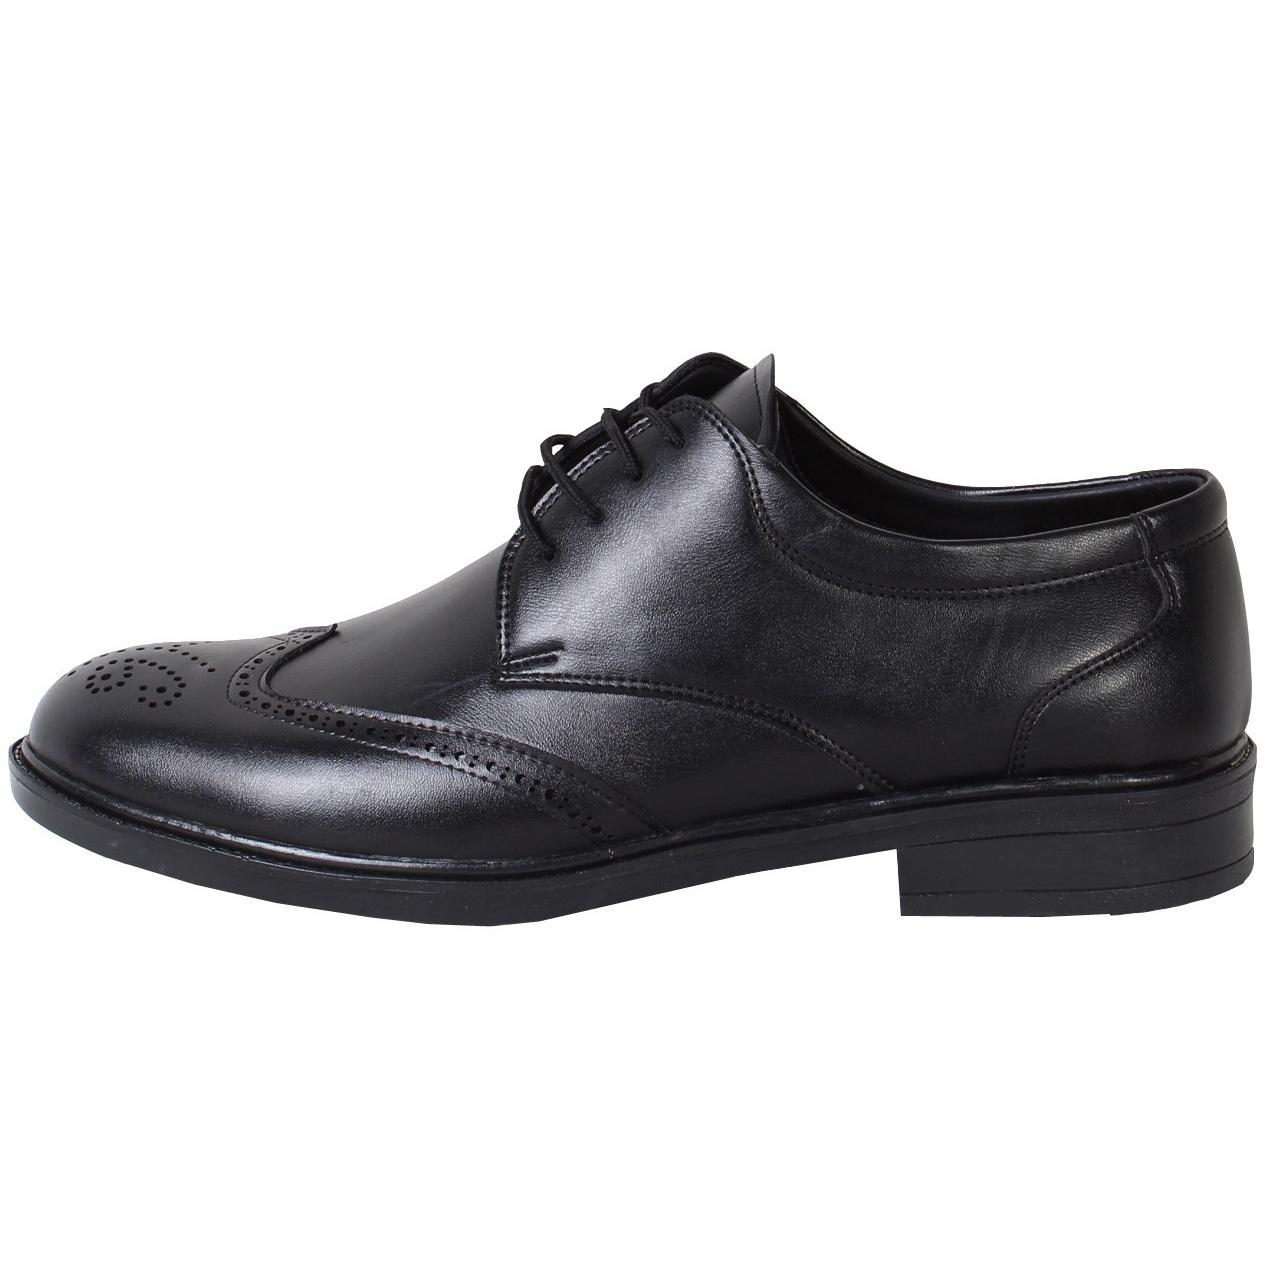 کفش هشترک  مردانه مدل 7604